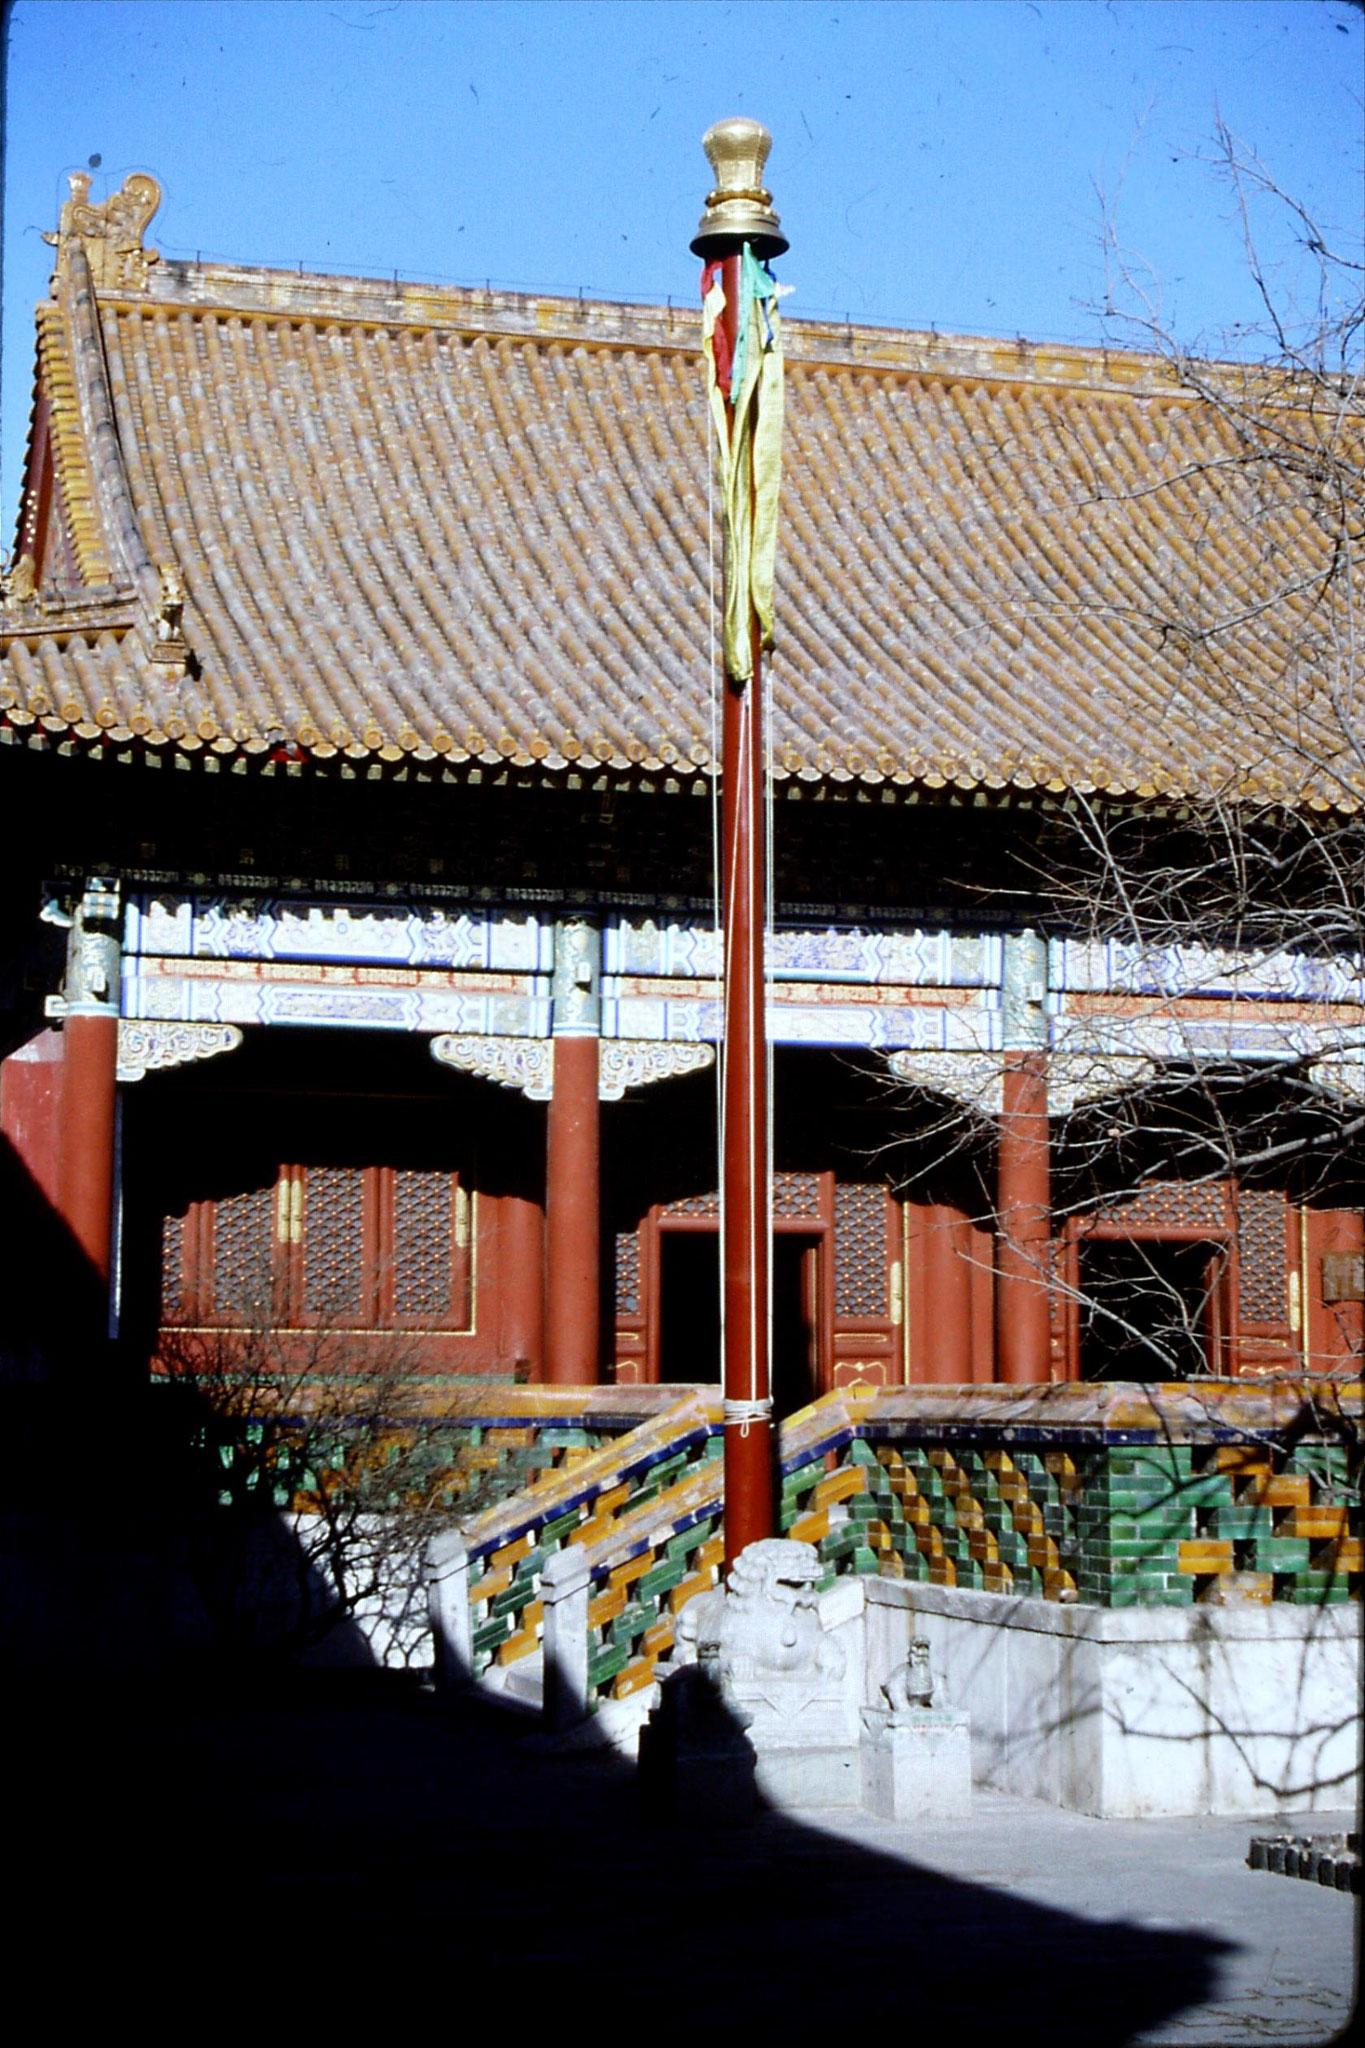 4/12/1988: 5: Beijing Yong He temple